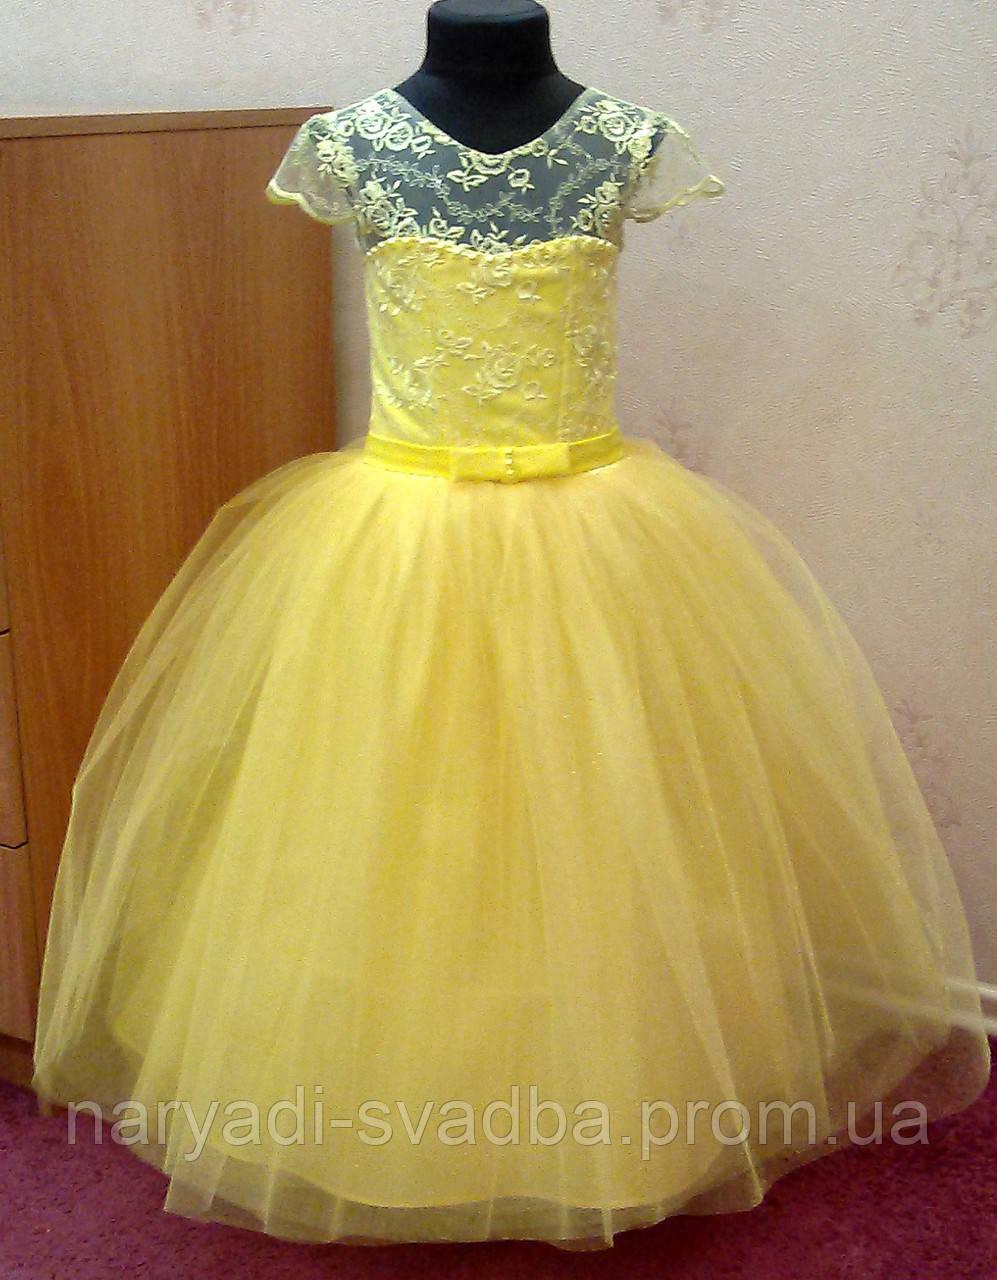 8253f7a9755 Необычное Солнечно-желтое Нарядное Детское Платье Из Гипюра на 4-6 ...